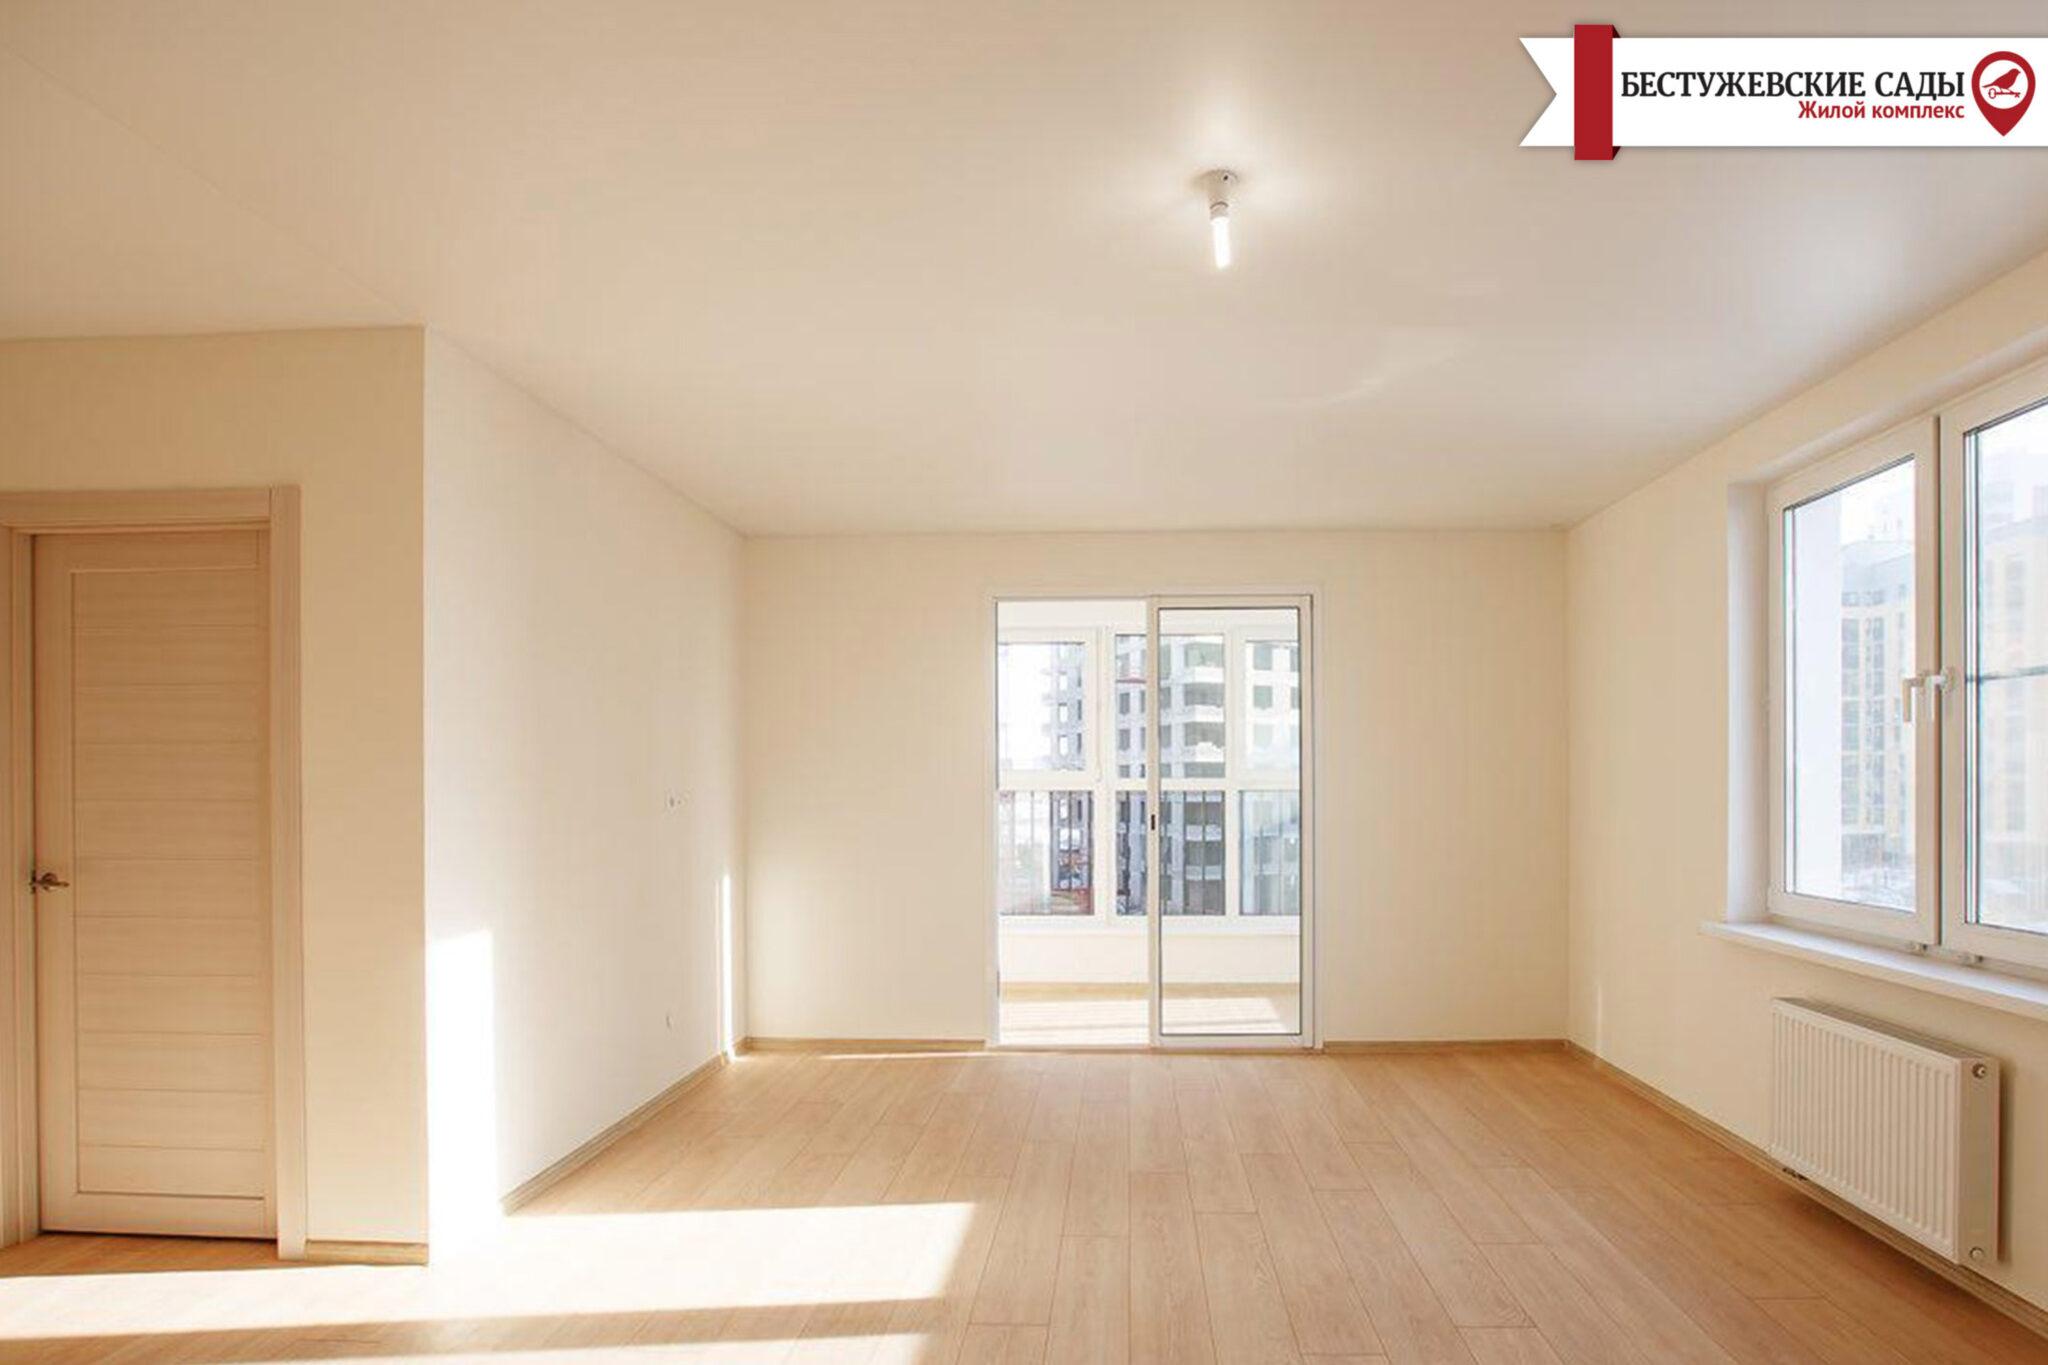 Как выгоднее покупать квартиру: с ремонтом или без.